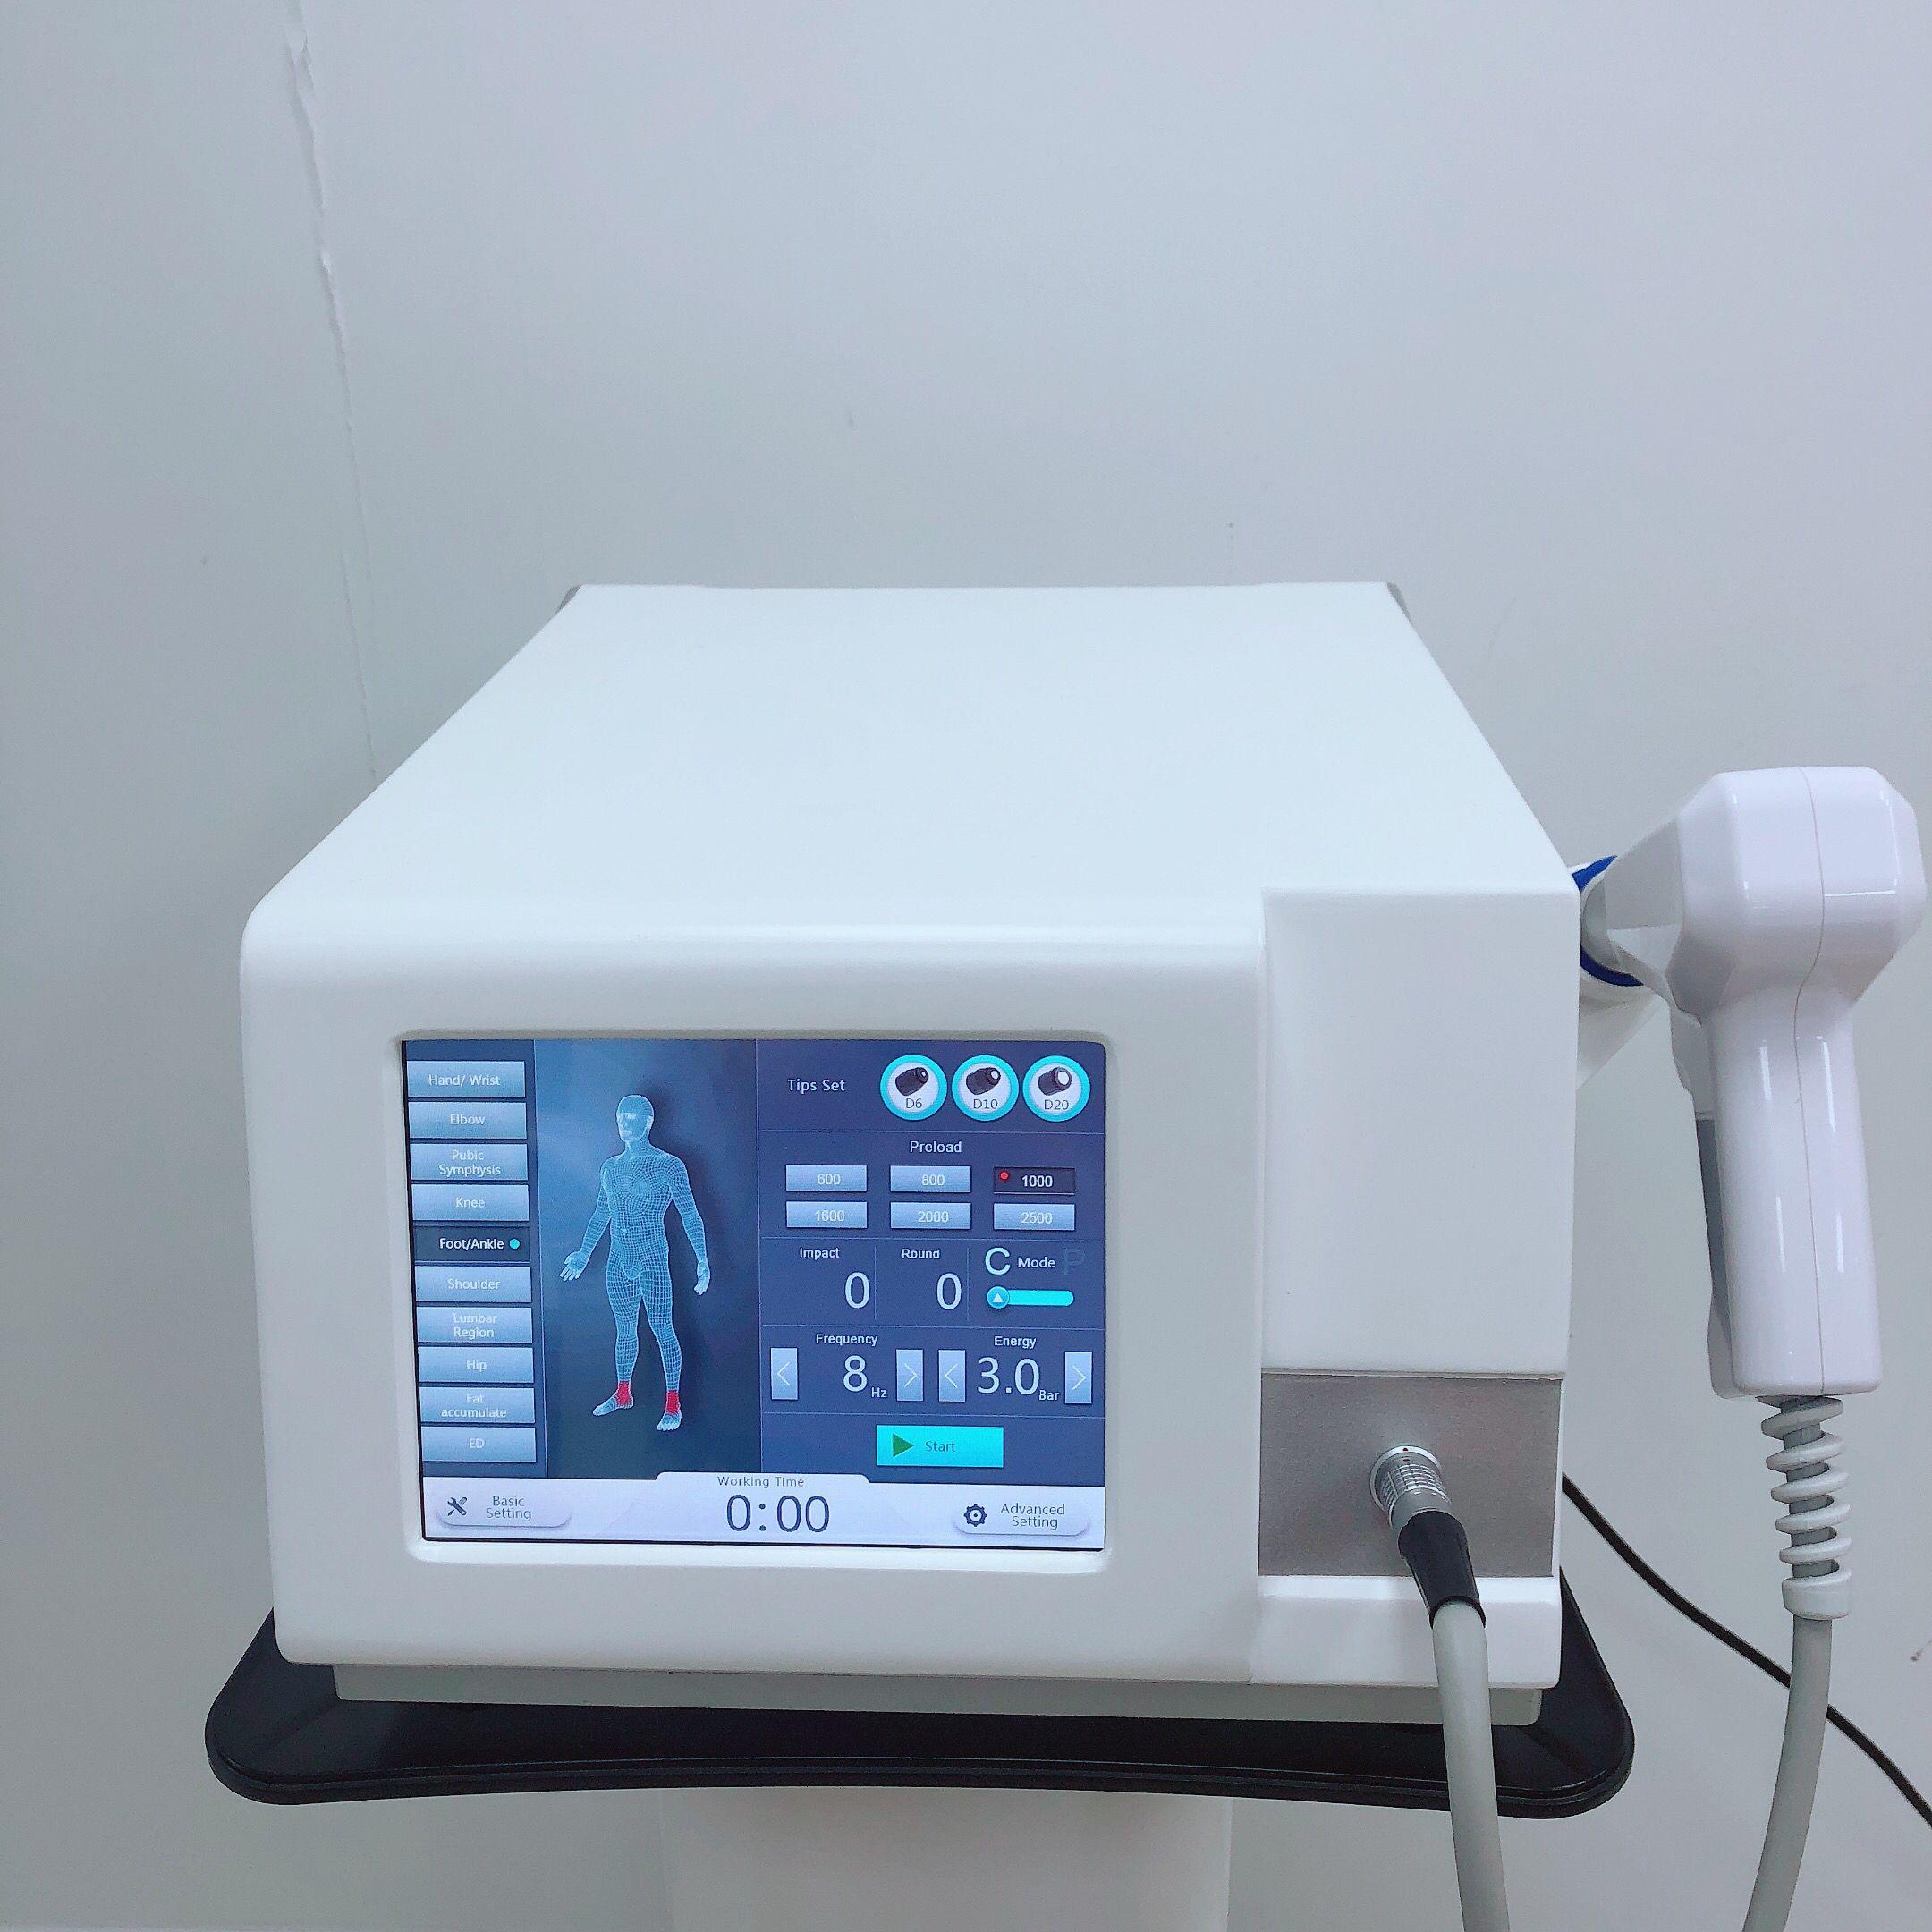 Phycial ударно-волновой Домащний красоты машина ESWT ExtracorporealShock волновая терапия RSWT Radial Shock Wave для лечения боли облегчение эд тела